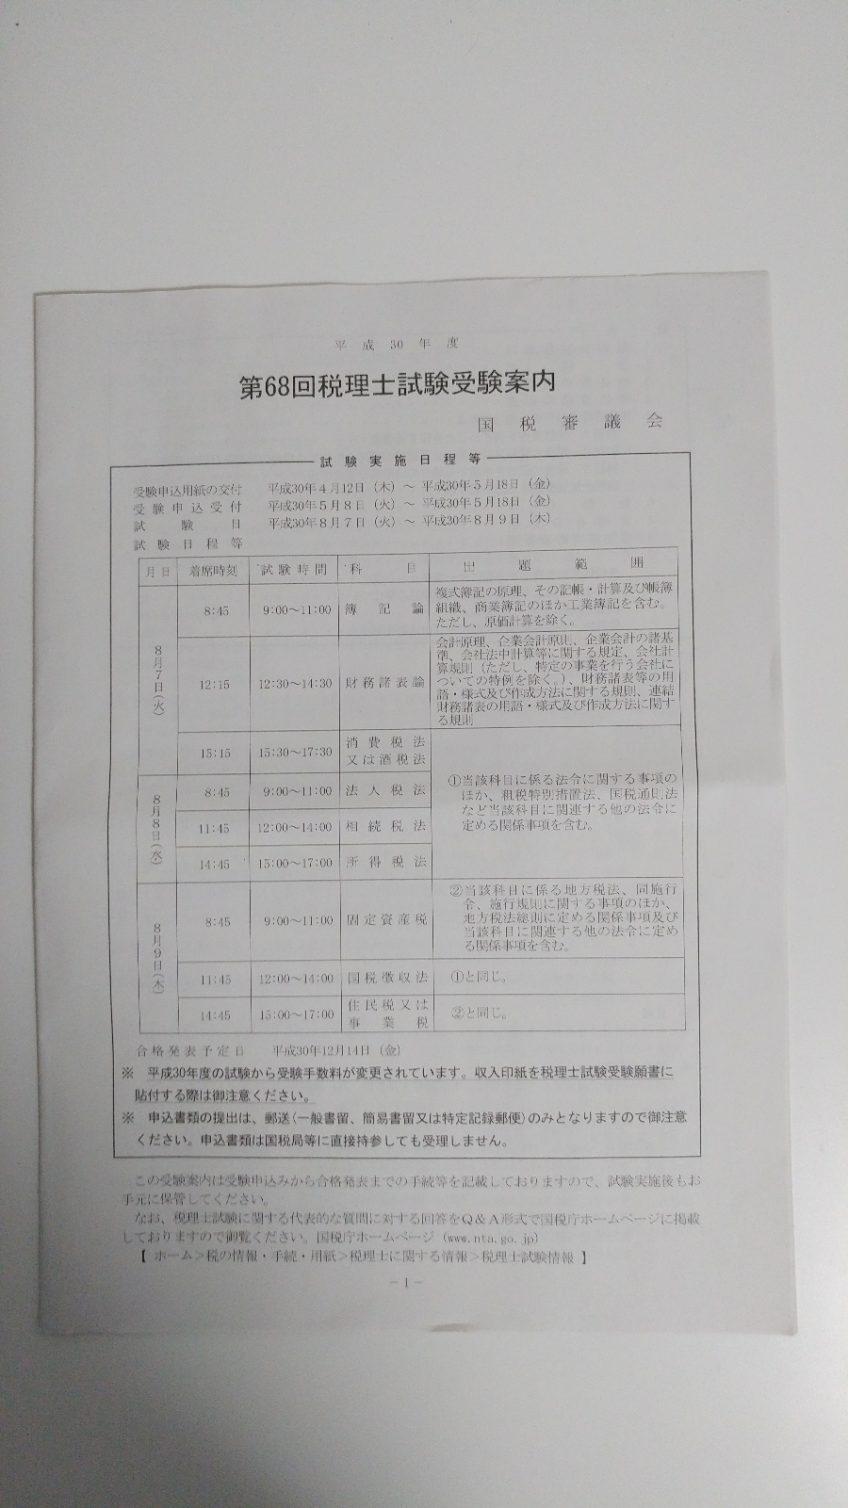 税理士試験の申込の時期が来ました | スタッフブログ